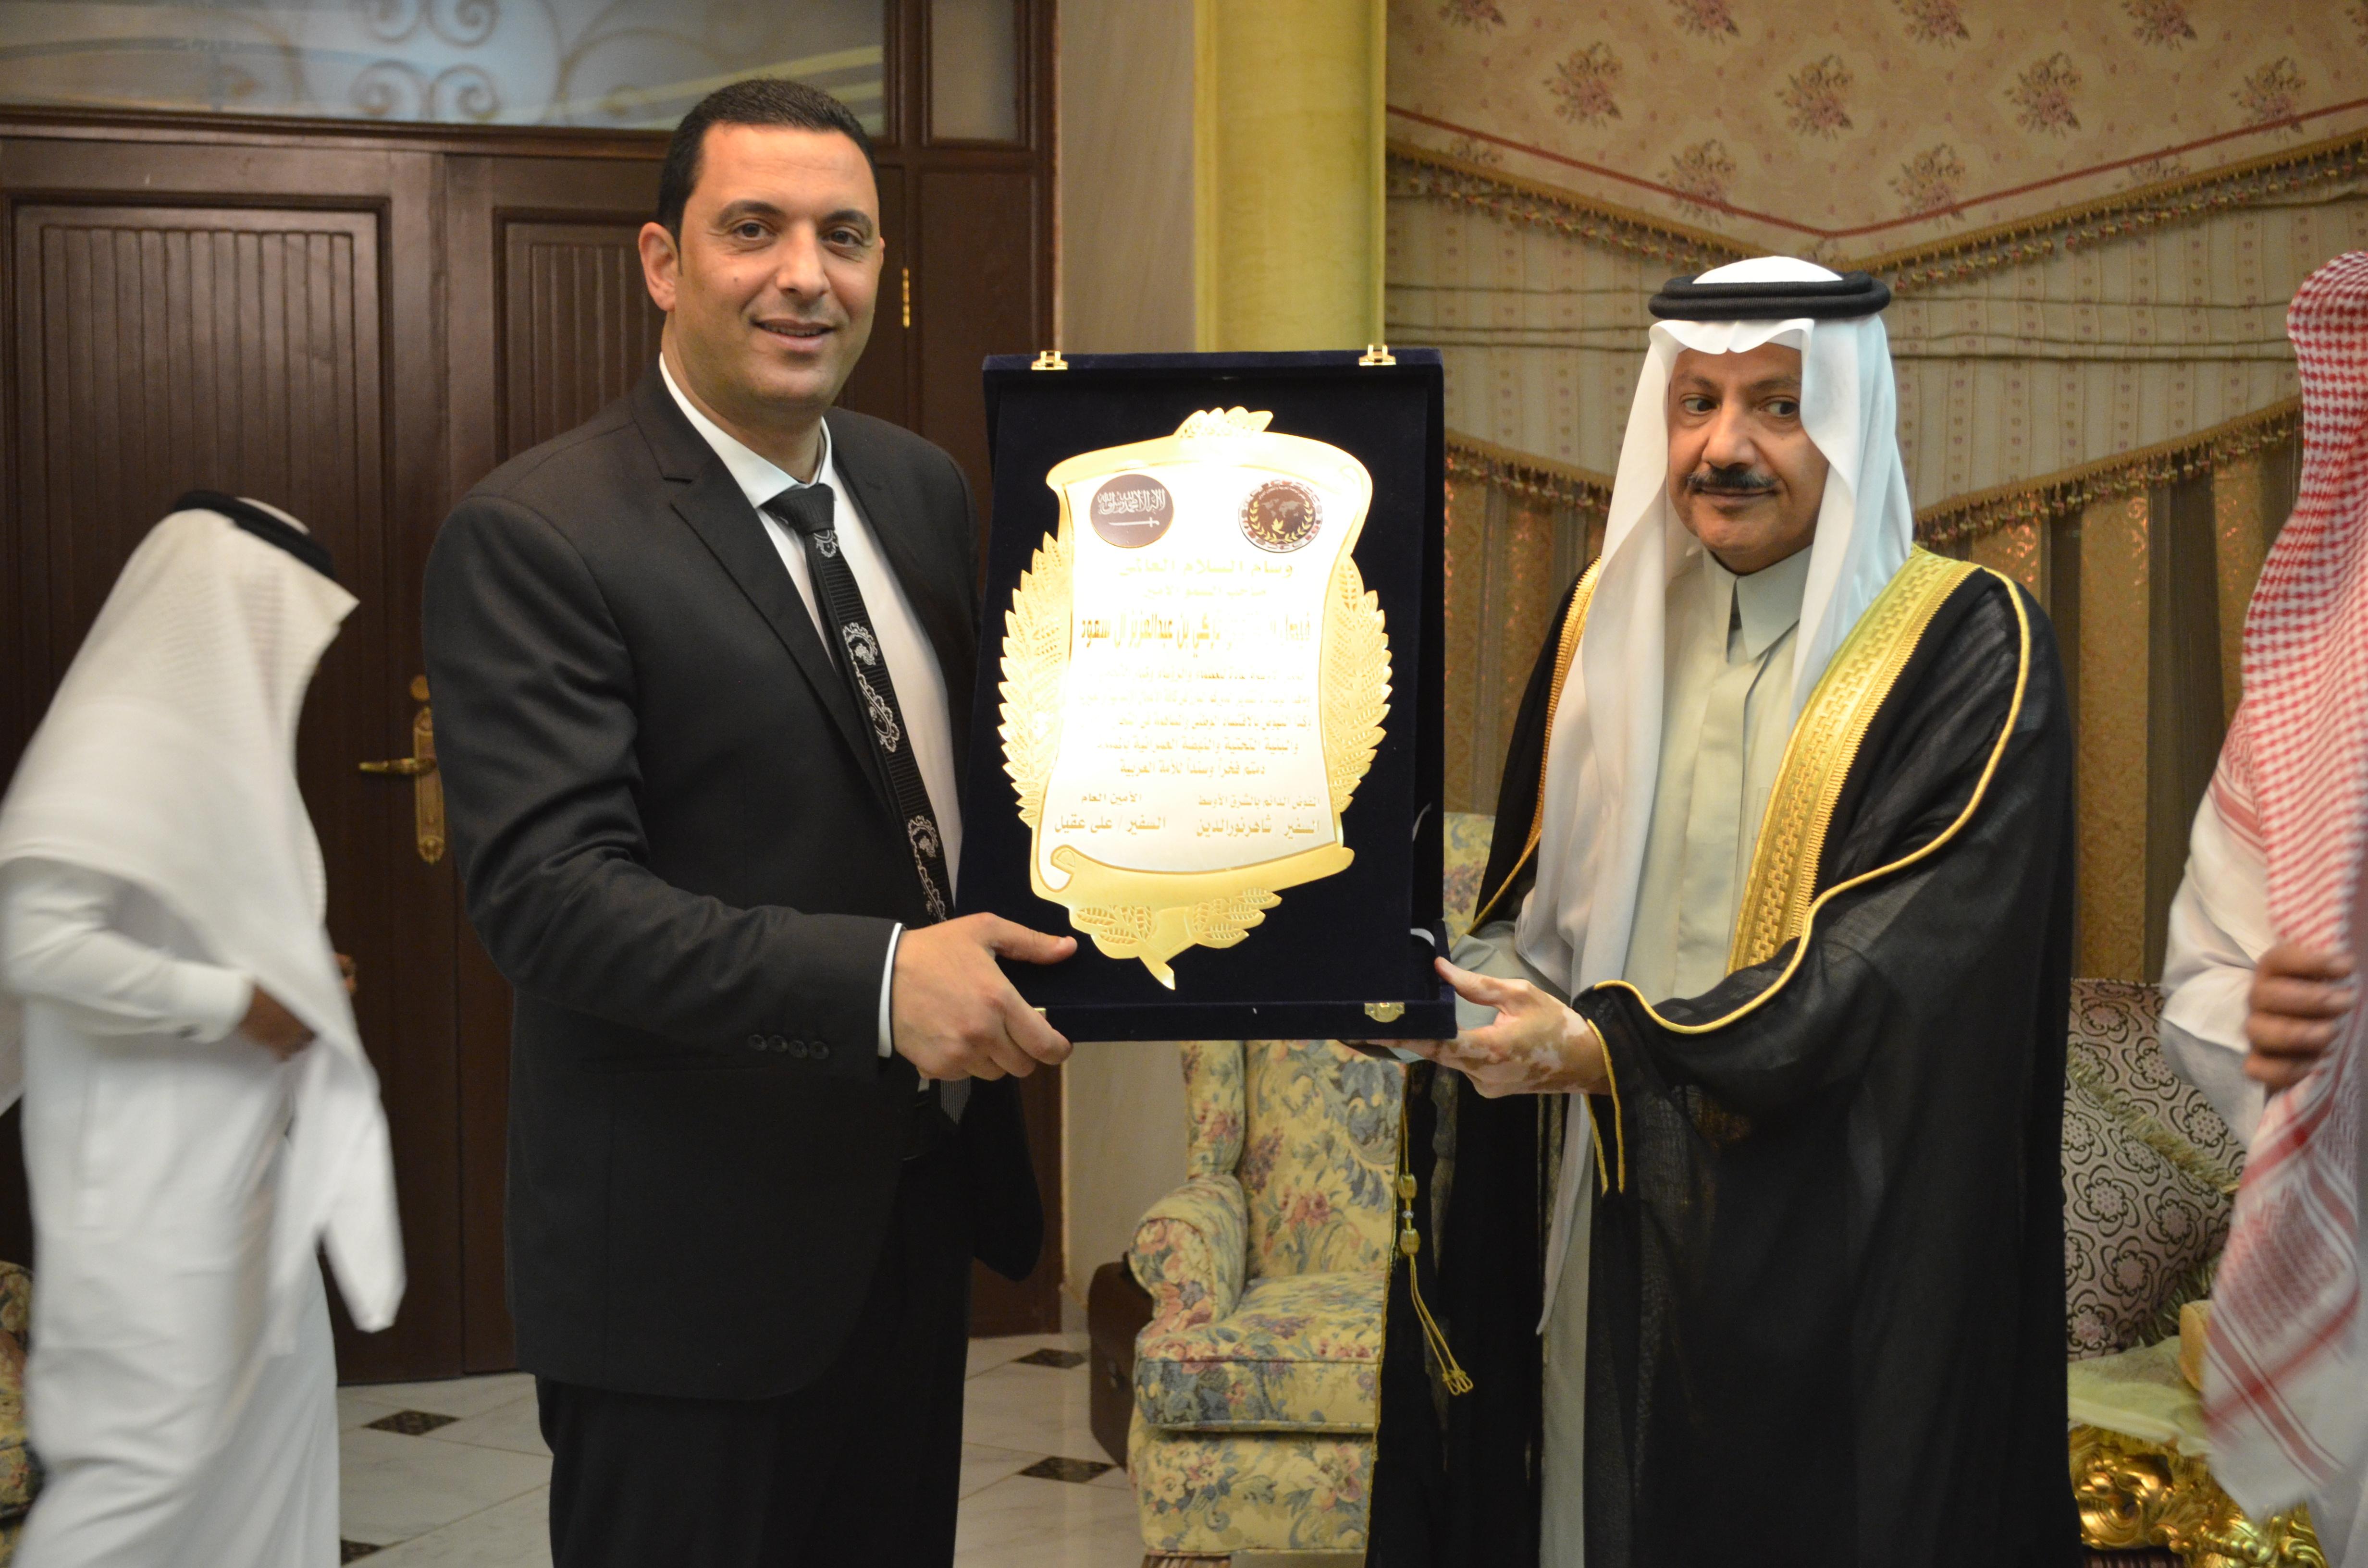 المجلس يمنح وسام السلام العالمي لسمو الأمير فيصل بن خالد آل سعود